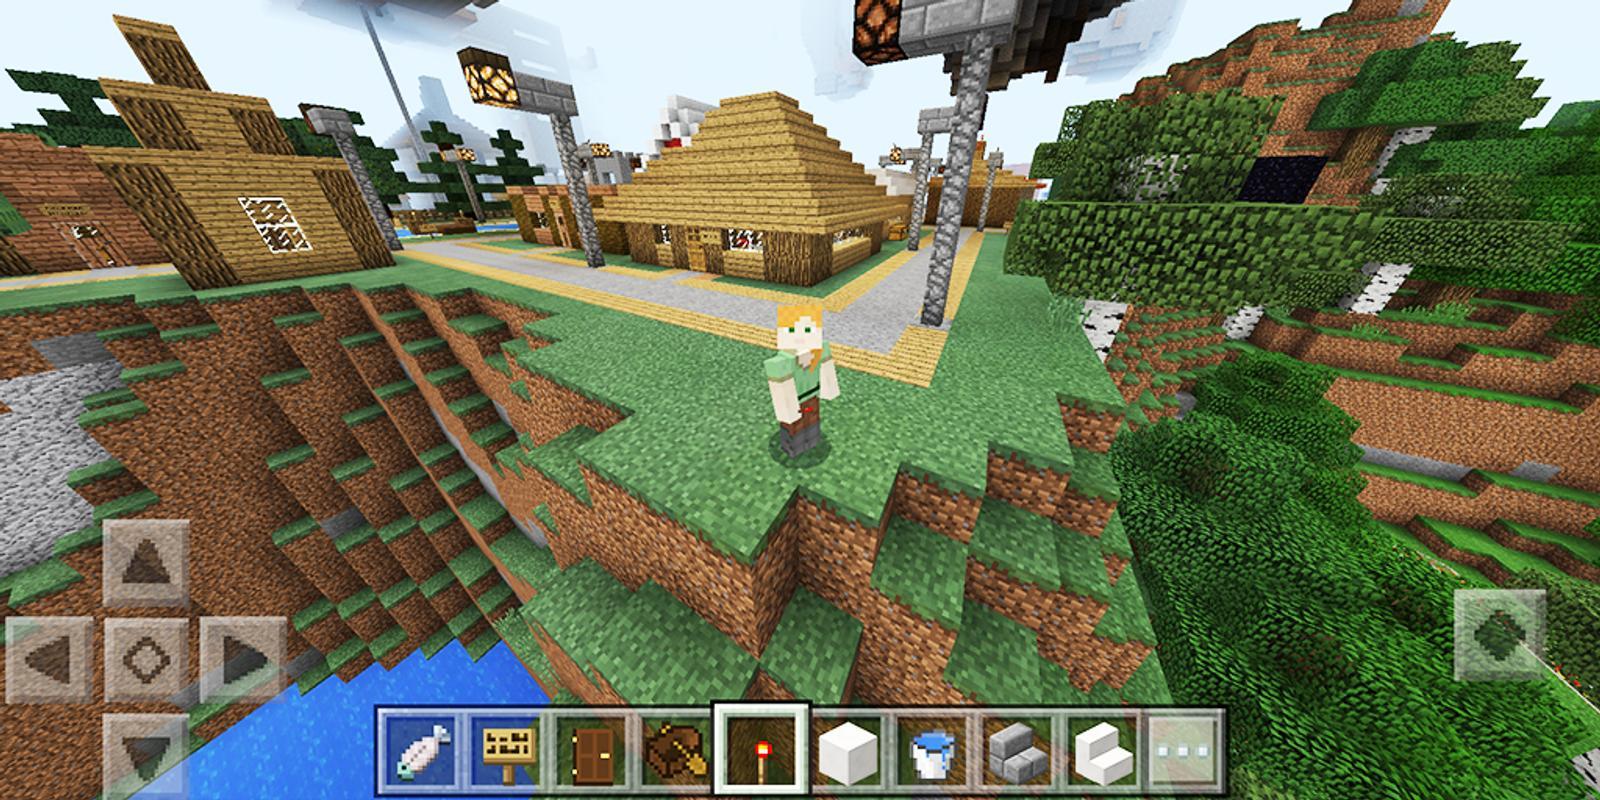 Soul Town Map For Minecraft Für Android APK Herunterladen - Maps fur minecraft 1 8 8